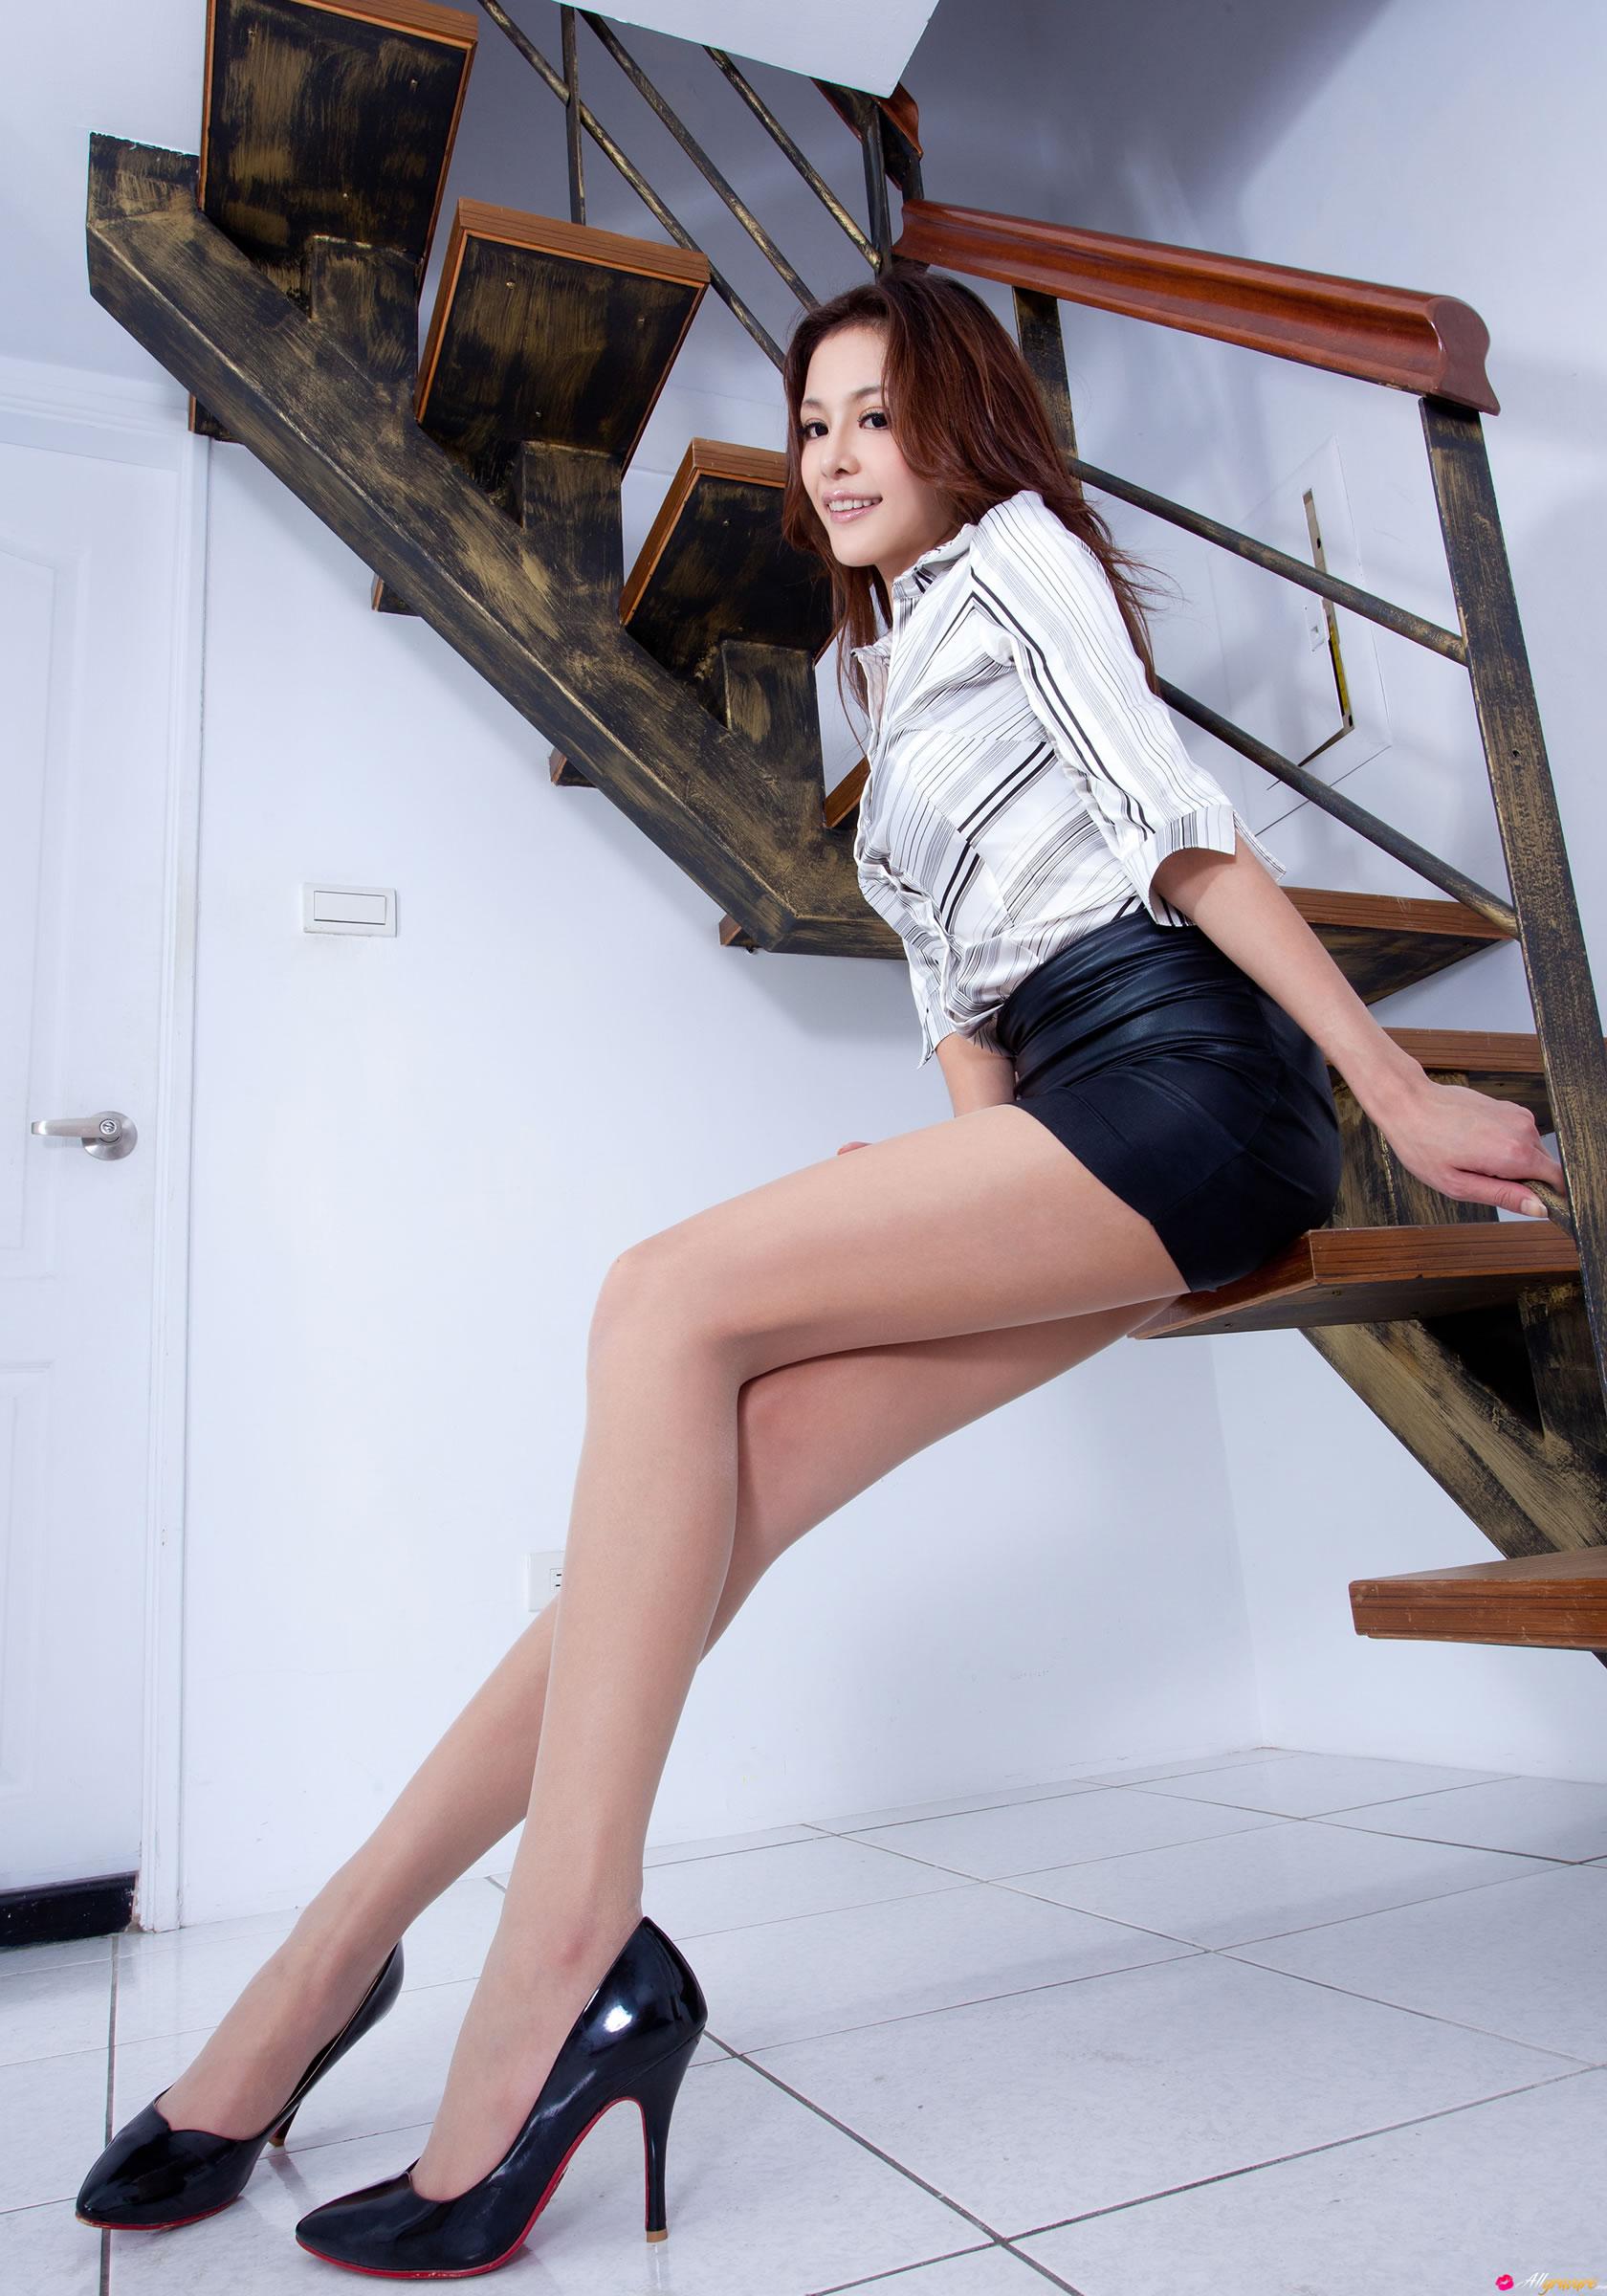 极品长腿美女1